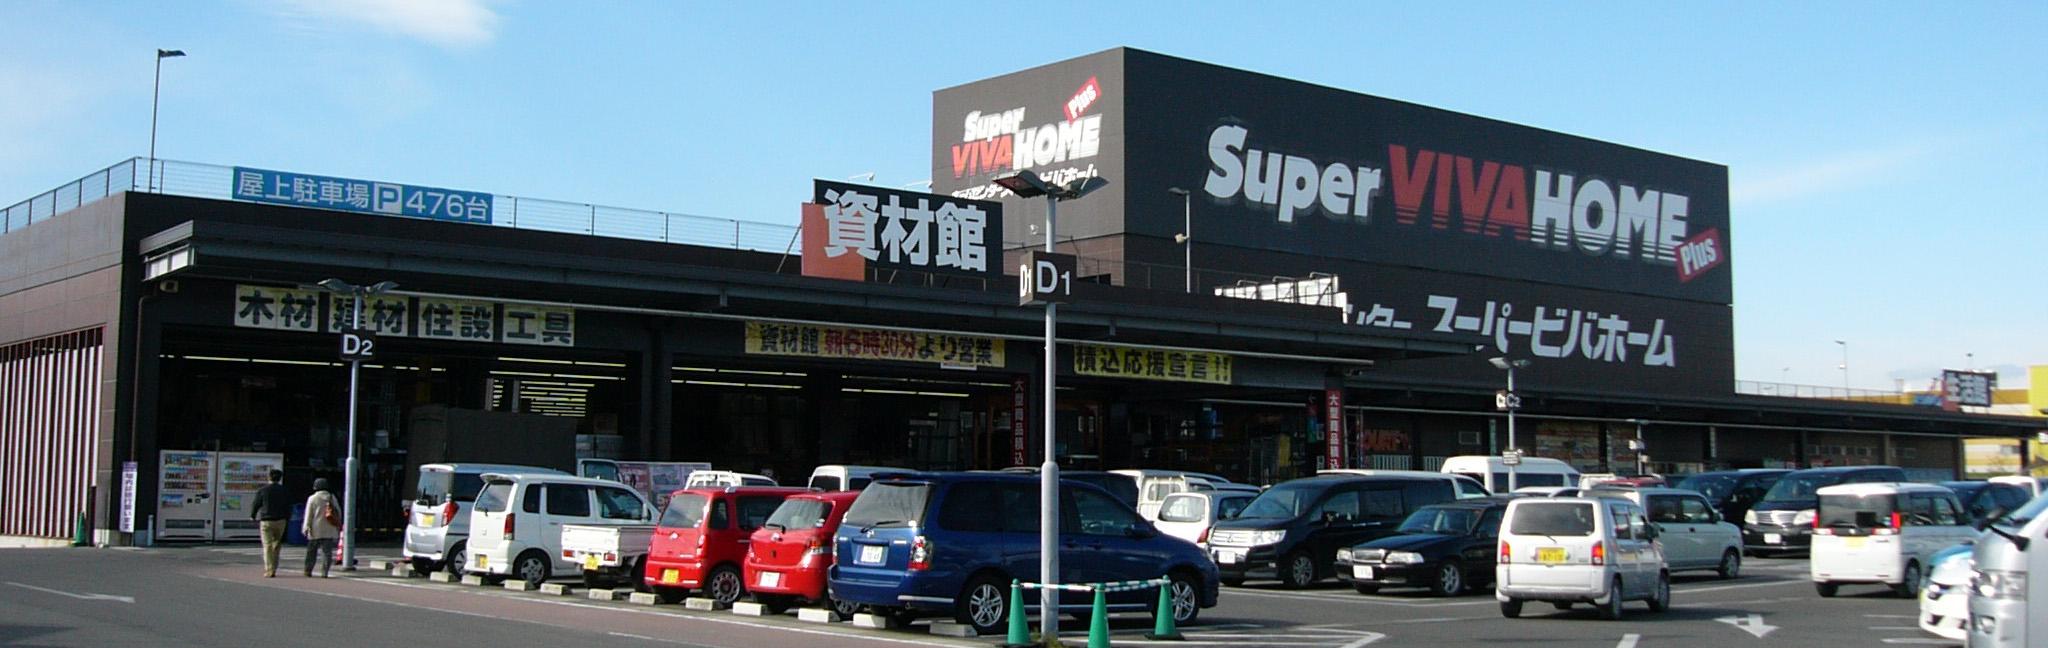 """""""スーパービバホーム小山店リフォーム&デザインセンター"""""""